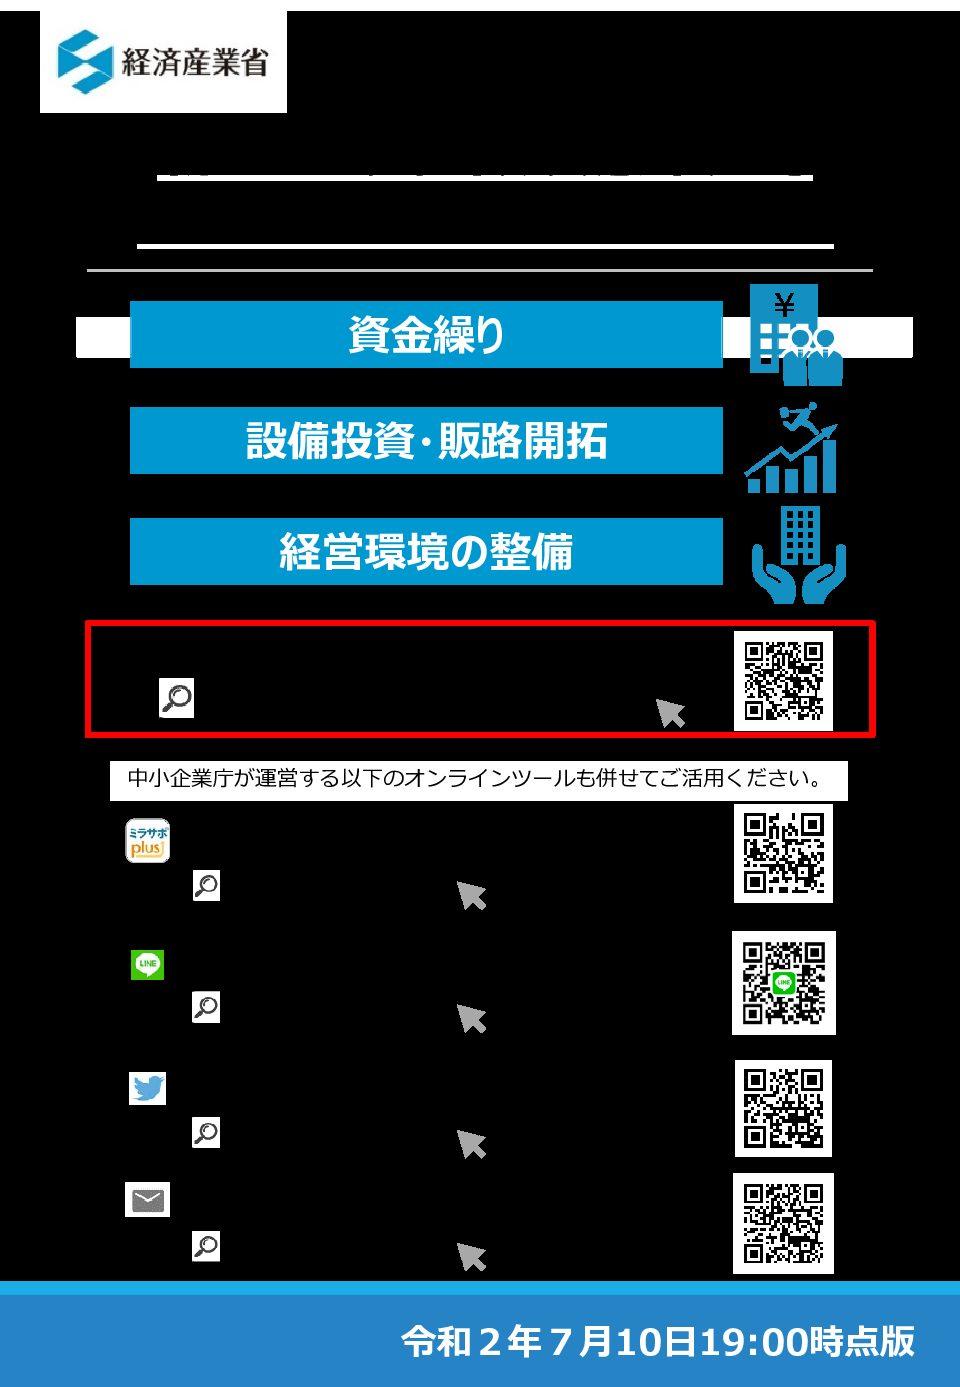 【経営支援】経済産業省のパンフレットが更新されました